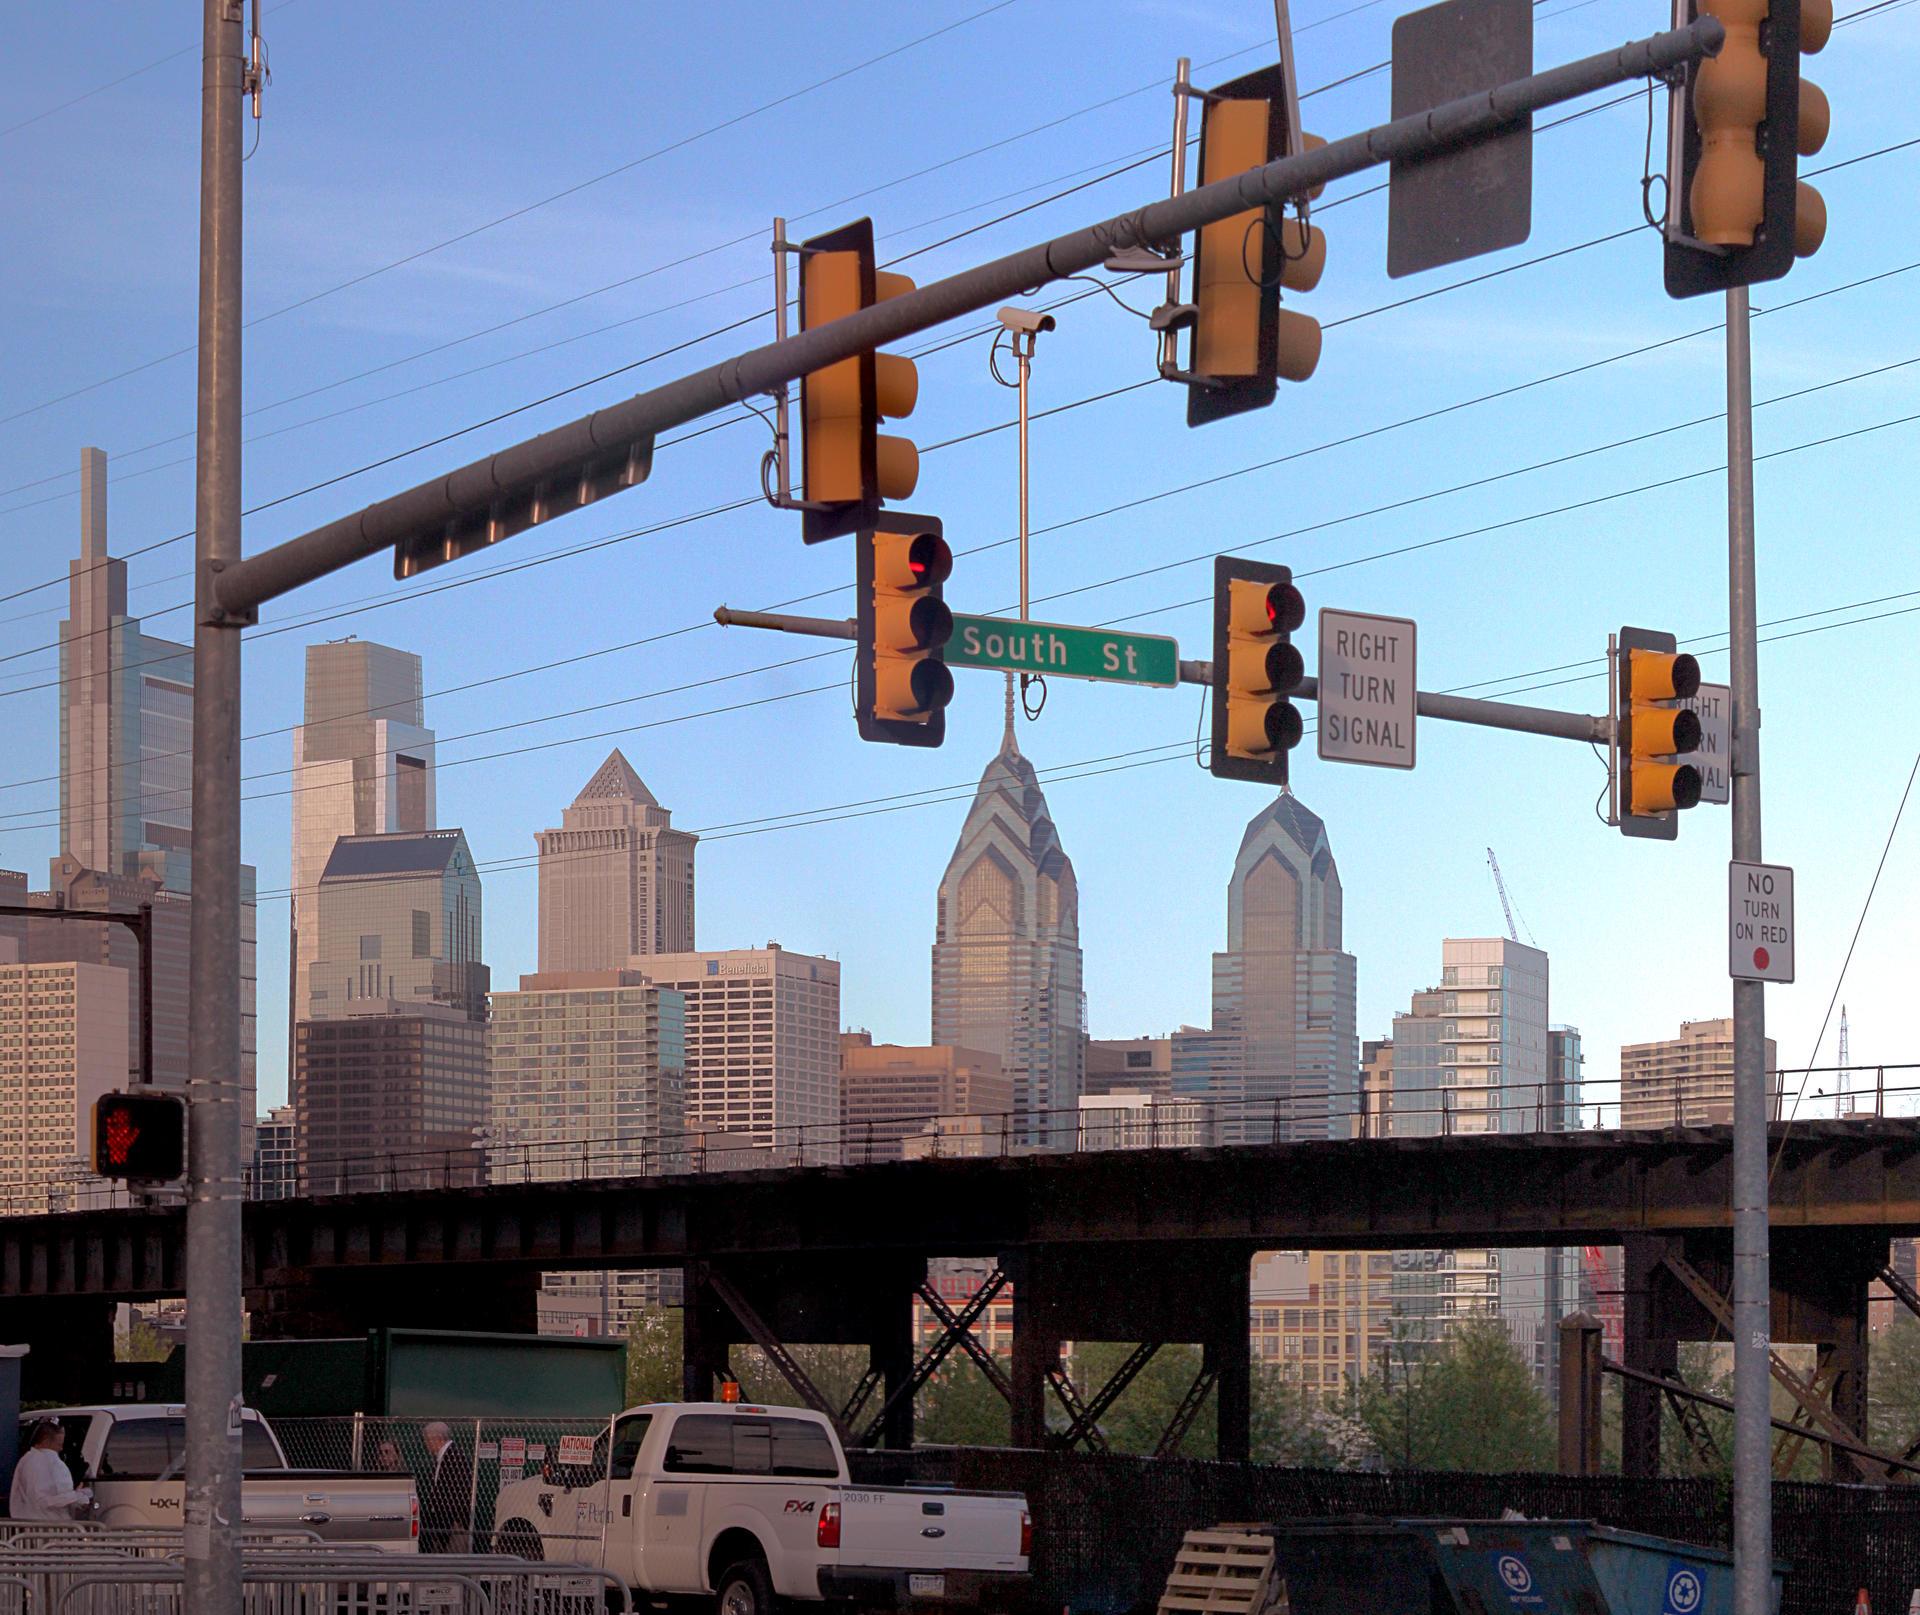 Panorama 4041 hdr pregamma 1 mantiuk08 auto lumina